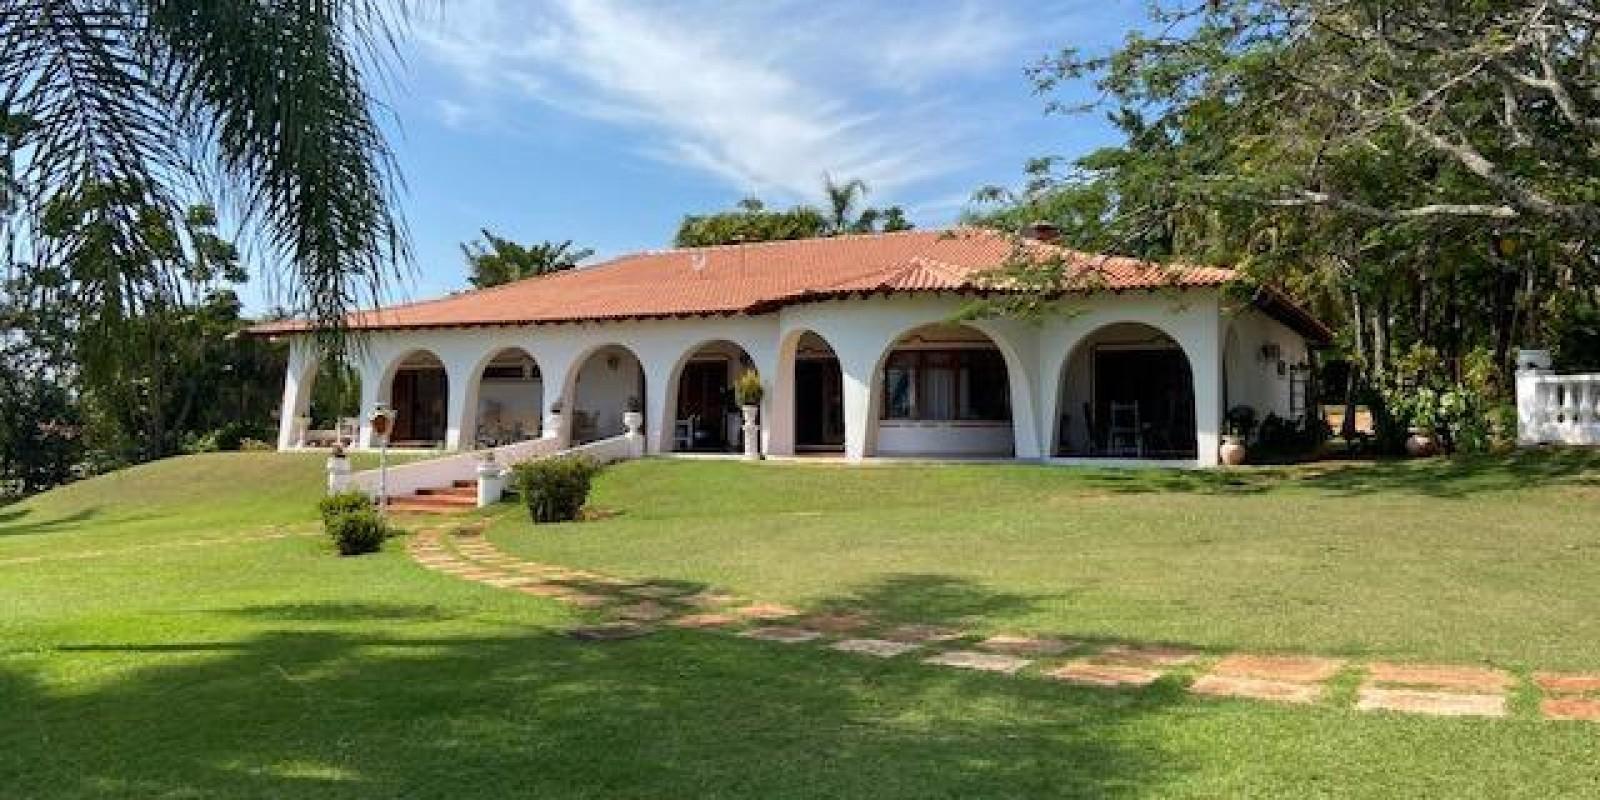 Casa Pé na Areia na Represa Condomínio Parque Náutico em Avaré SP - Foto 34 de 53